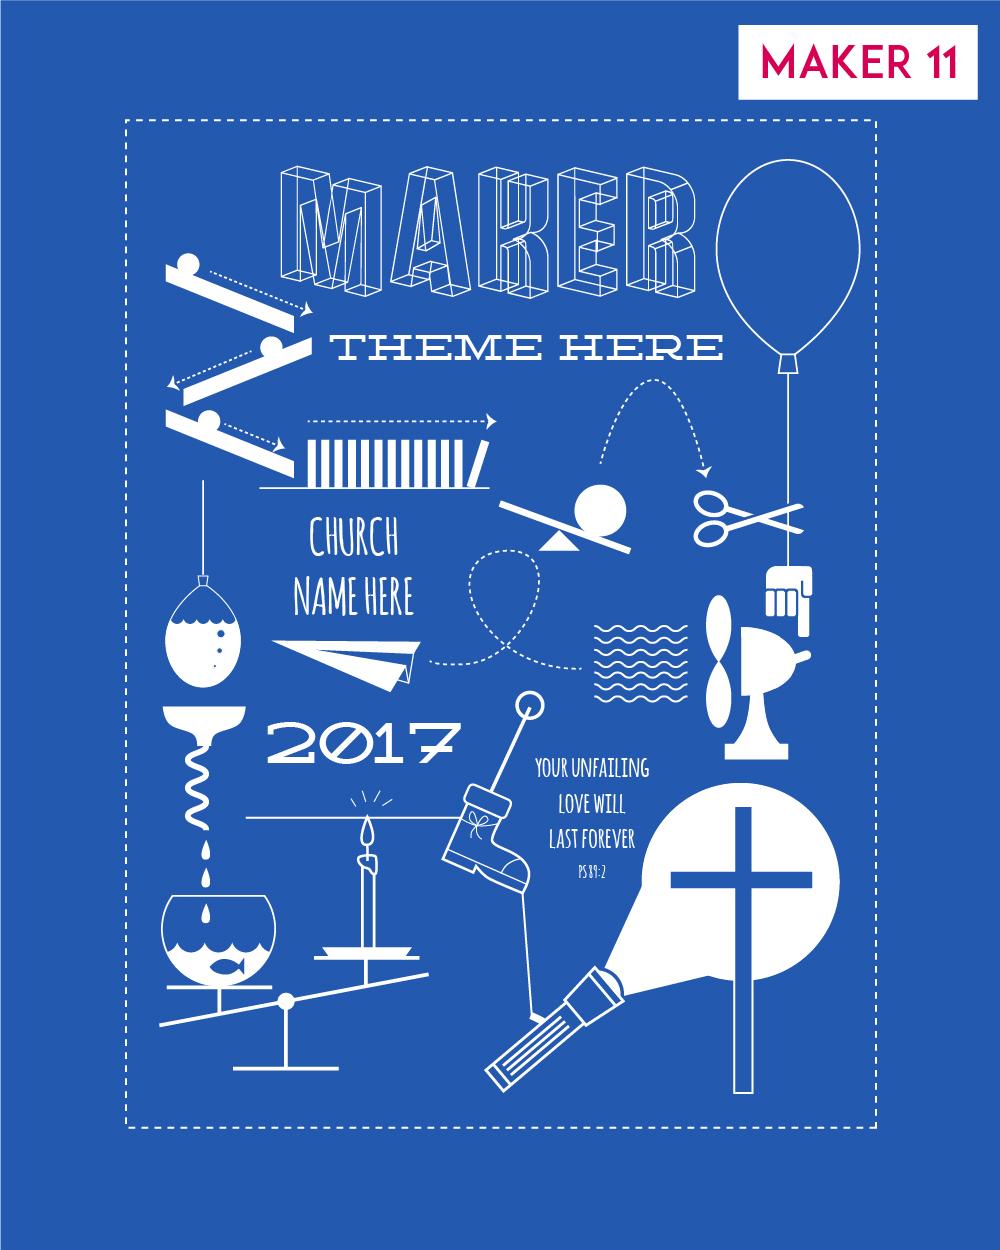 Maker 11-03.jpg